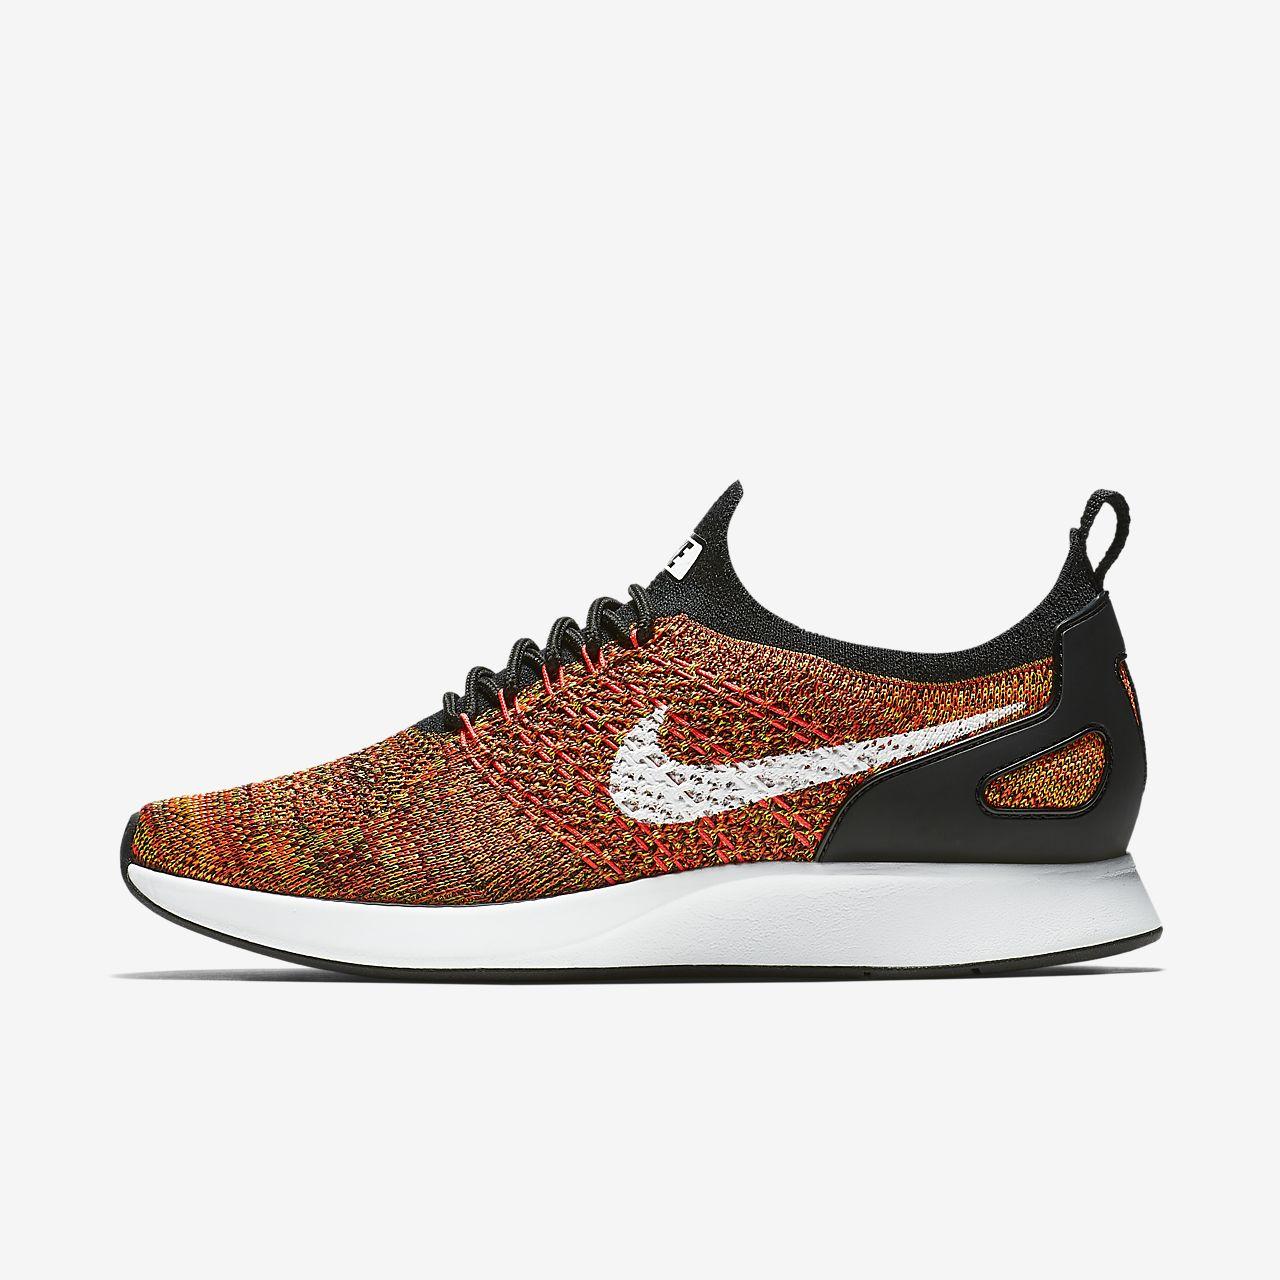 รองเท้าผู้หญิง Nike Air Zoom Mariah Flyknit Racer